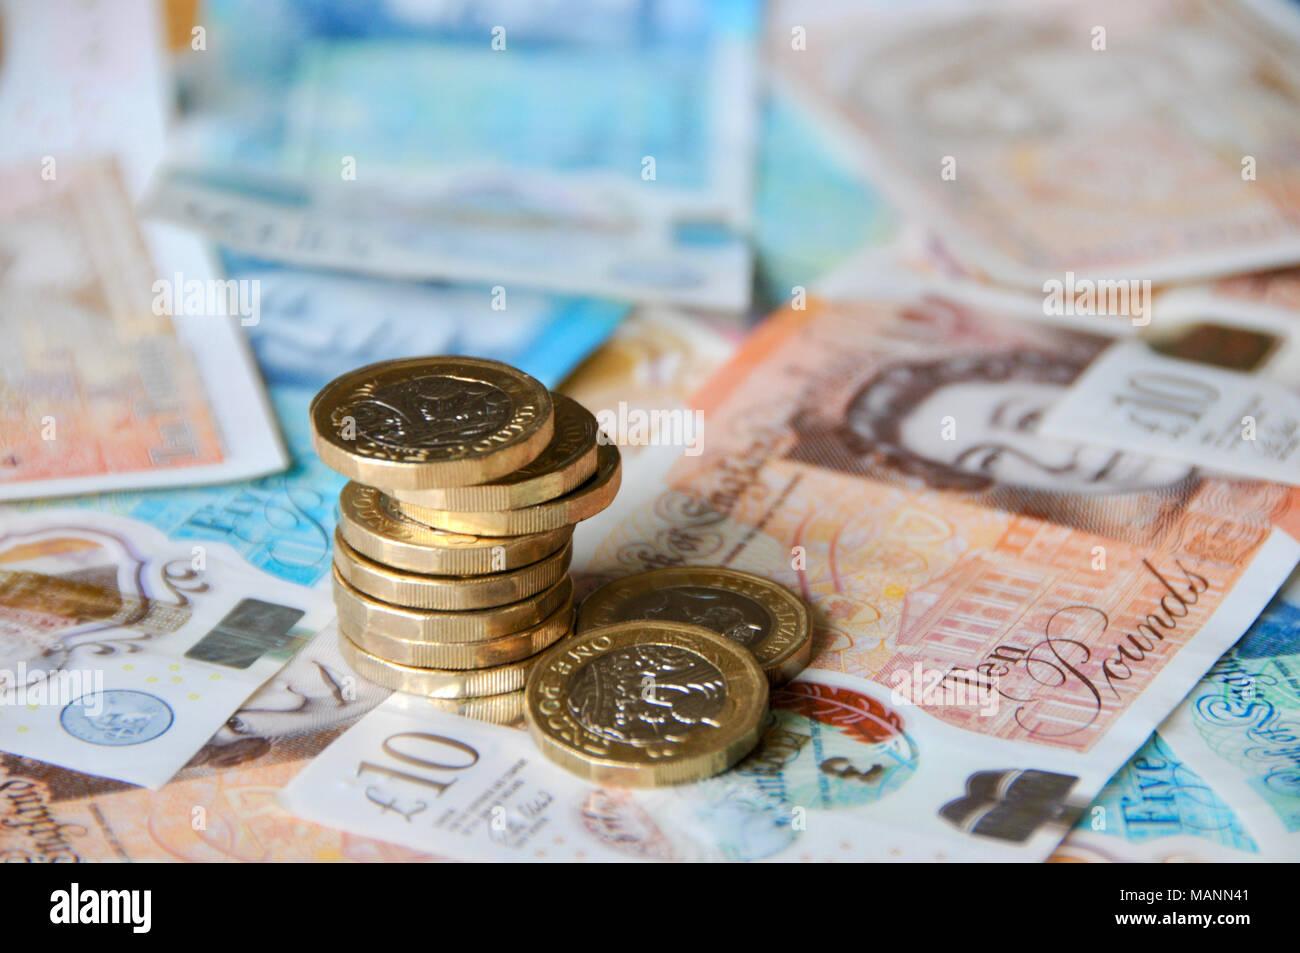 Uk Sterling Währung Neue Banknoten Und Münzen Für 2018 Neue 1